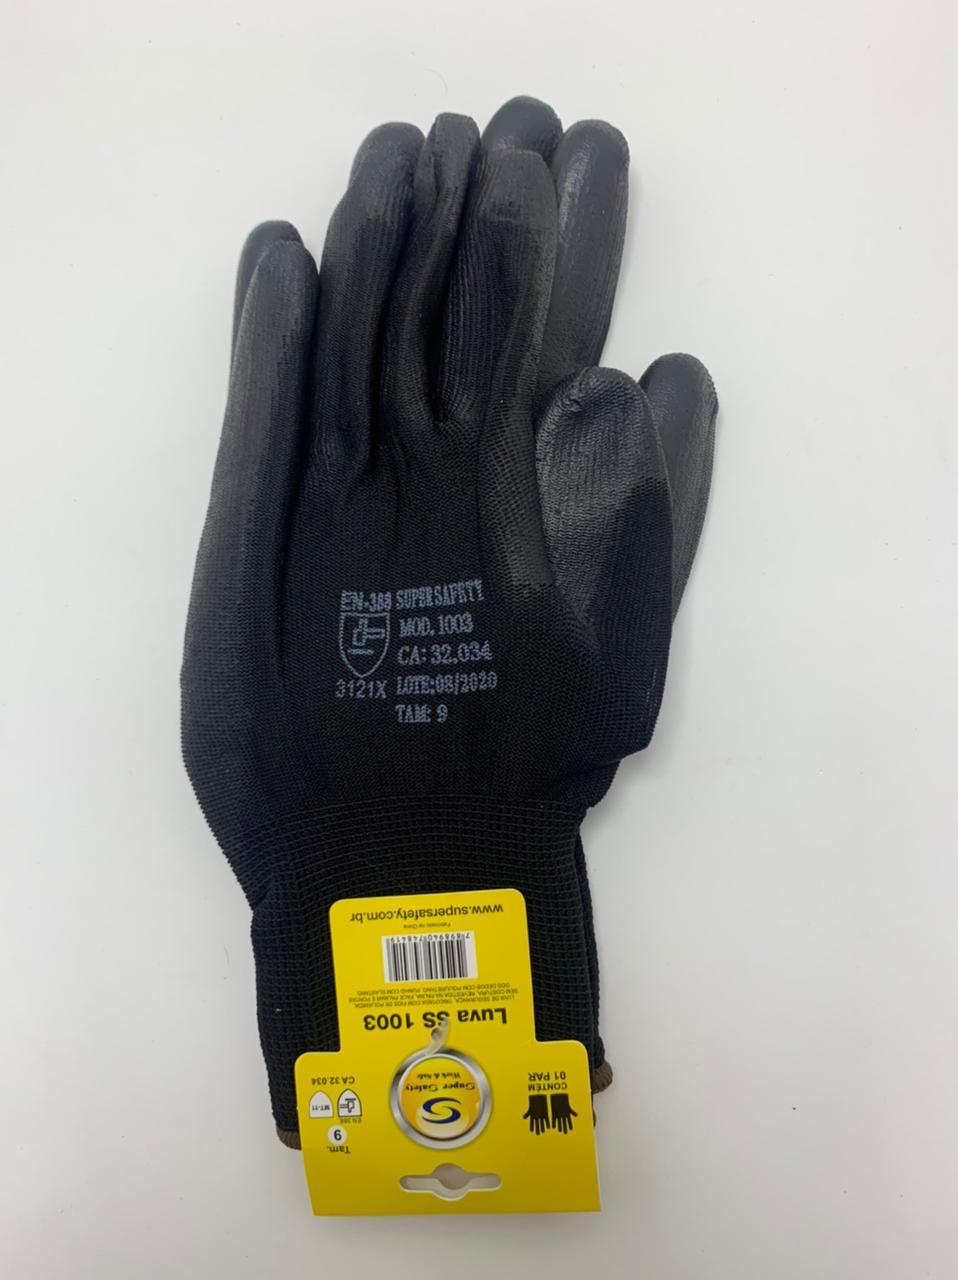 Kit 3 Pares Luva de segurança Super Safety ss1003 PU Preta Tam. 7(P).